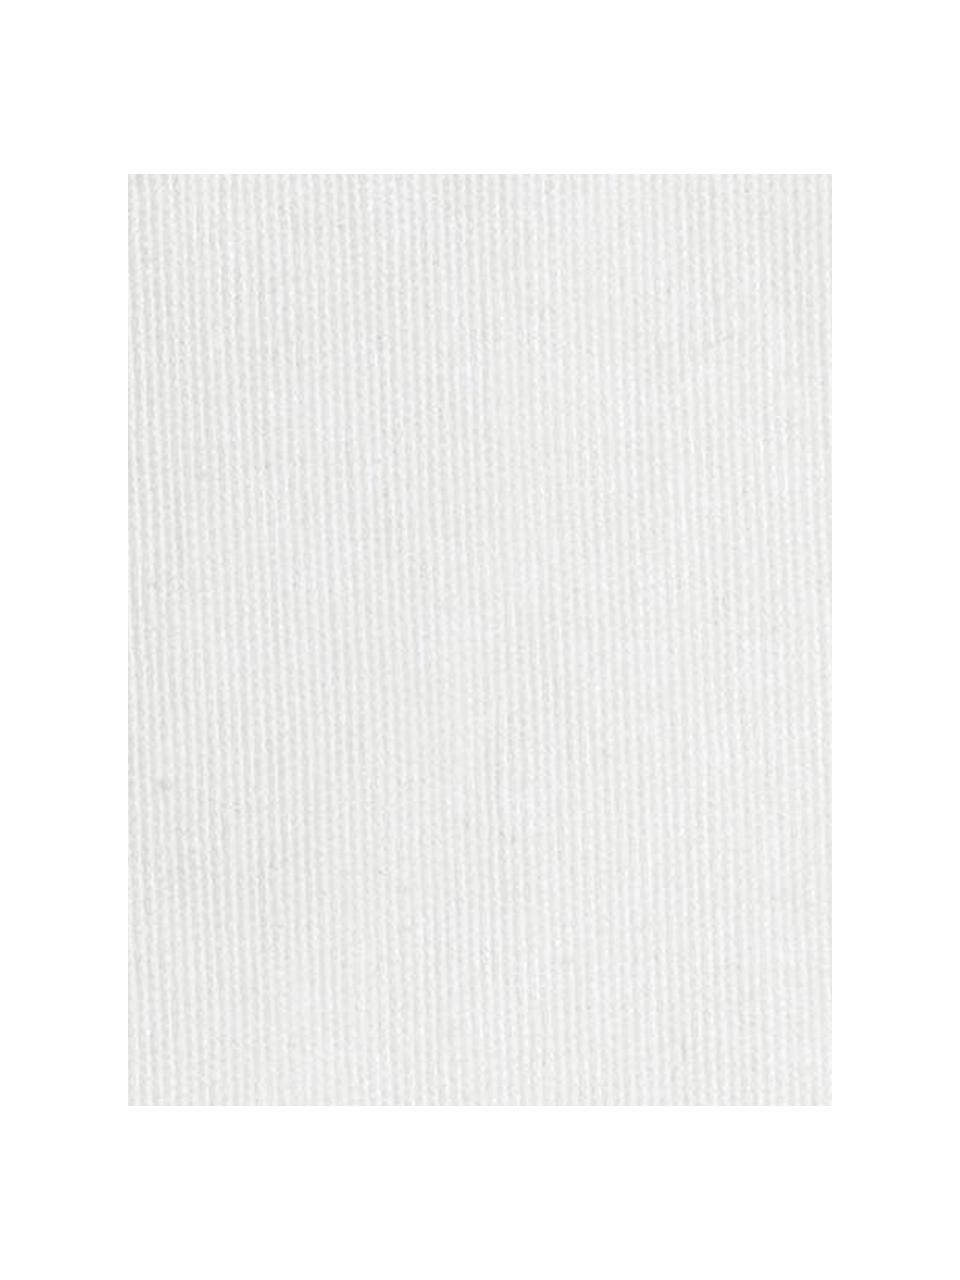 Copertura poltrona Levante, 65% cotone, 35% poliestere, Color crema, Larg. 55 x Lung. 220 cm